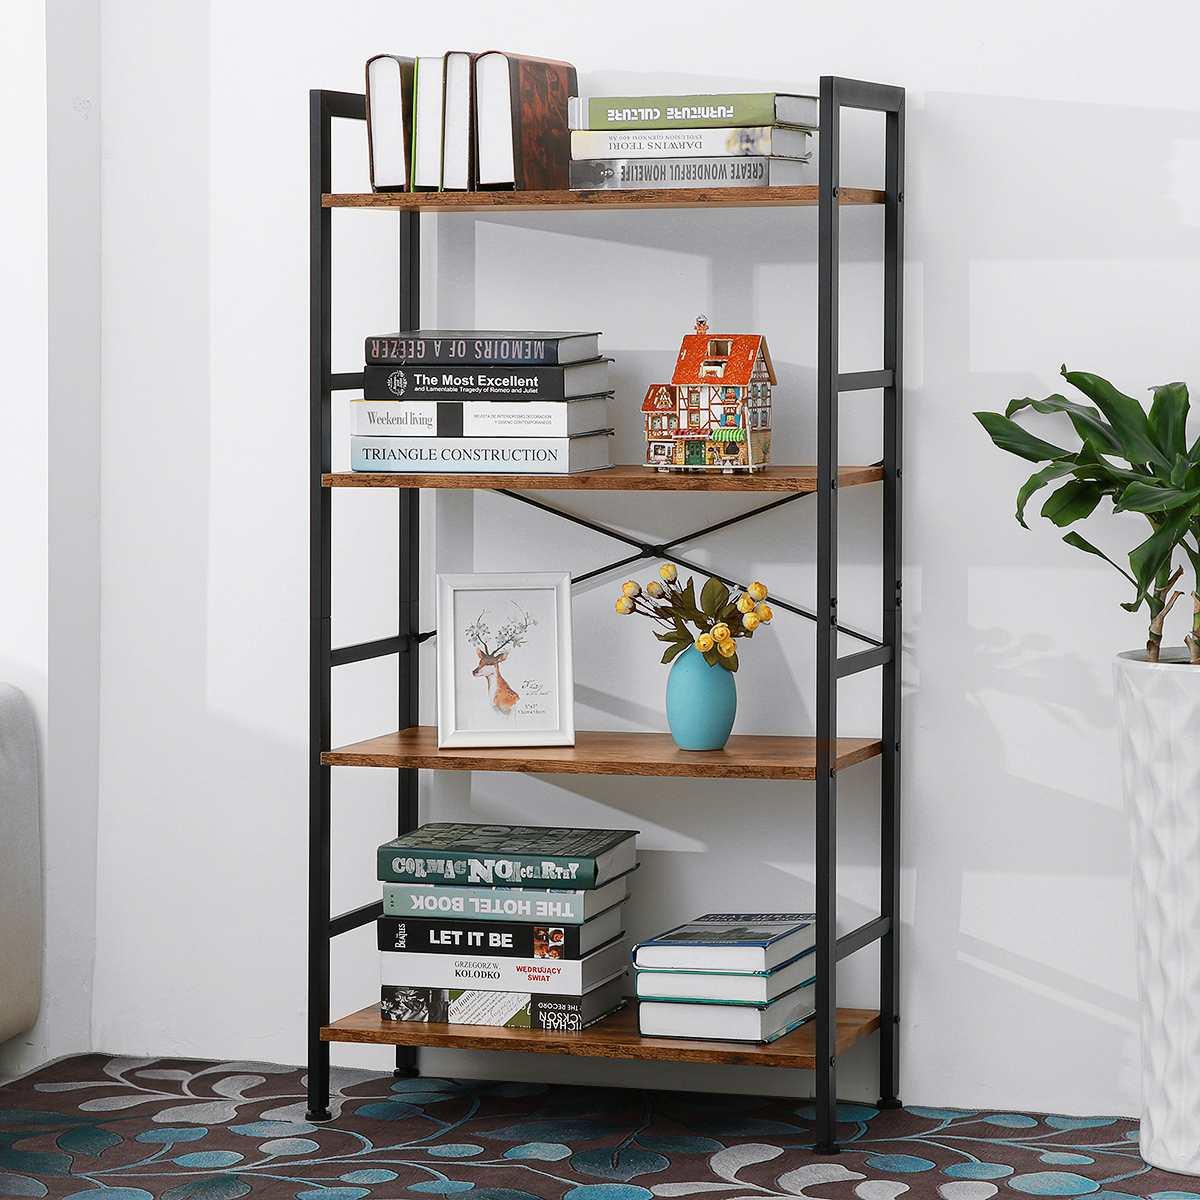 63x30x120 سنتيمتر 4-Tier الصناعية سلم خزانة الكتب إطارات معدنية رفوف التخزين المنظم رف شاشة 70lbs للديكور المنزل